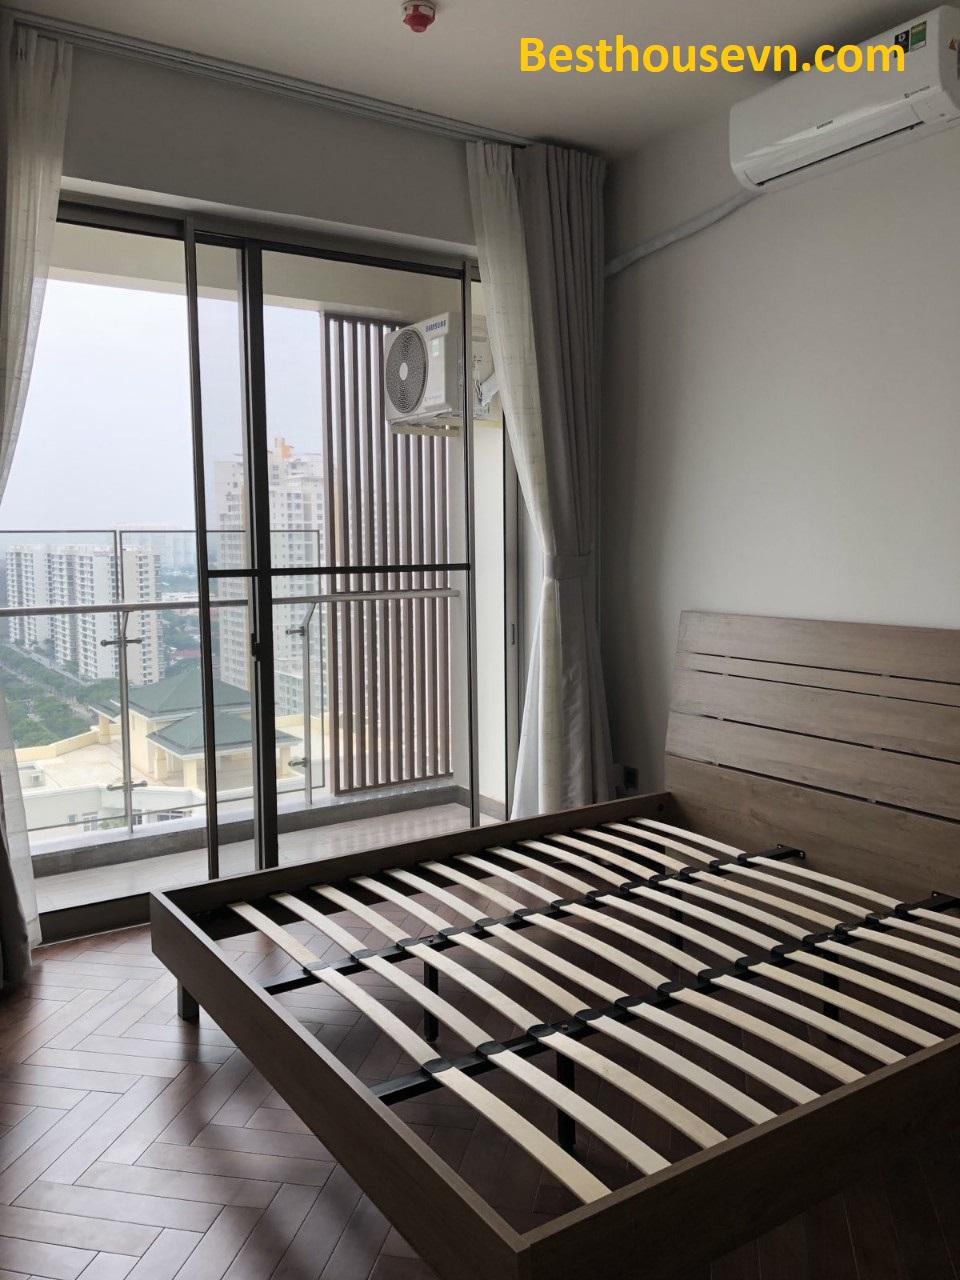 unfurnished-room-2